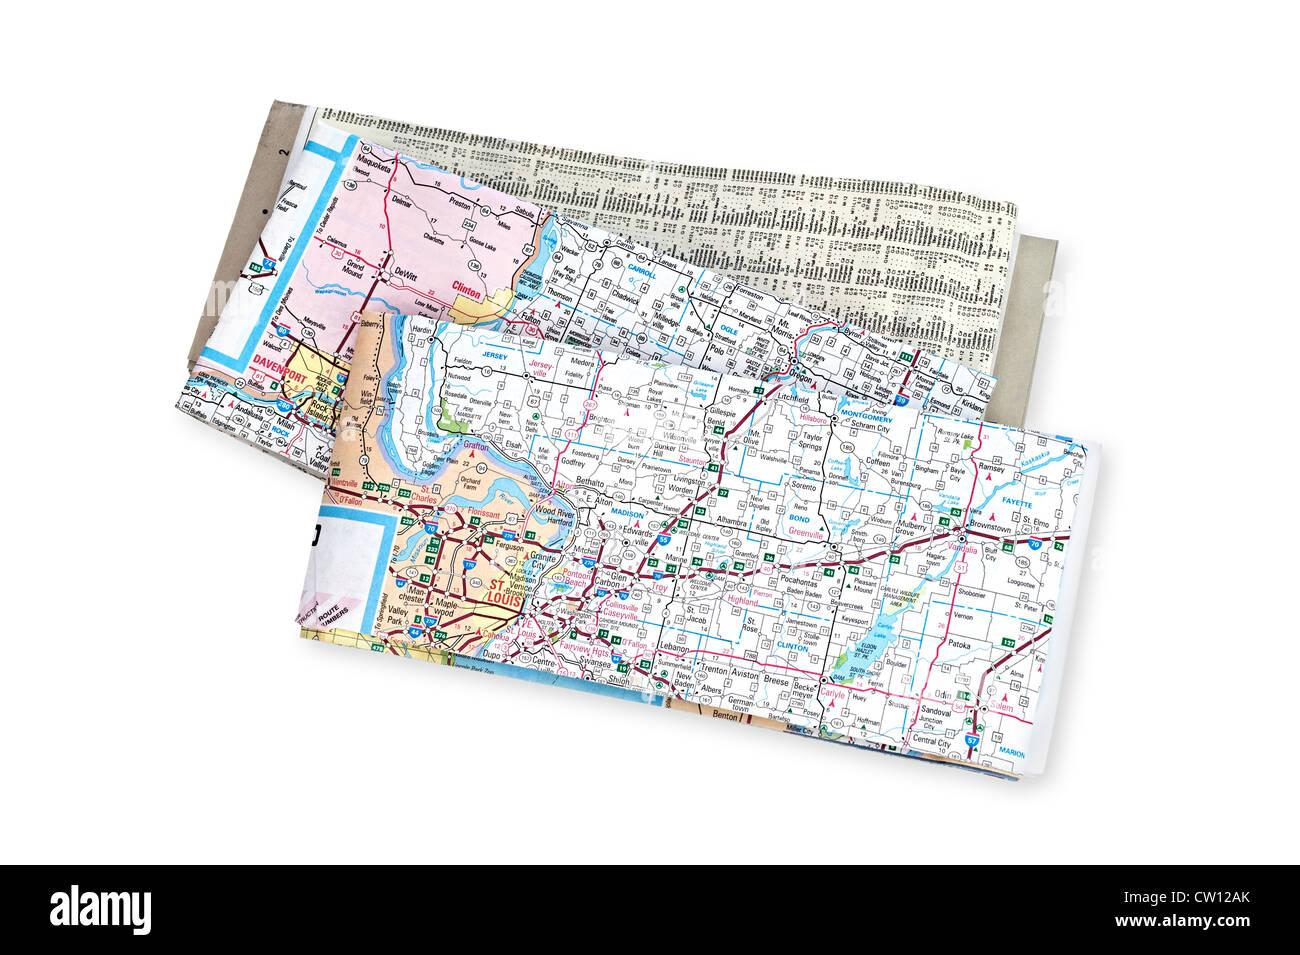 Straßenkarten für den Einsatz während Urlaub, Business und allgemeine Reisebegleitung. Stockbild